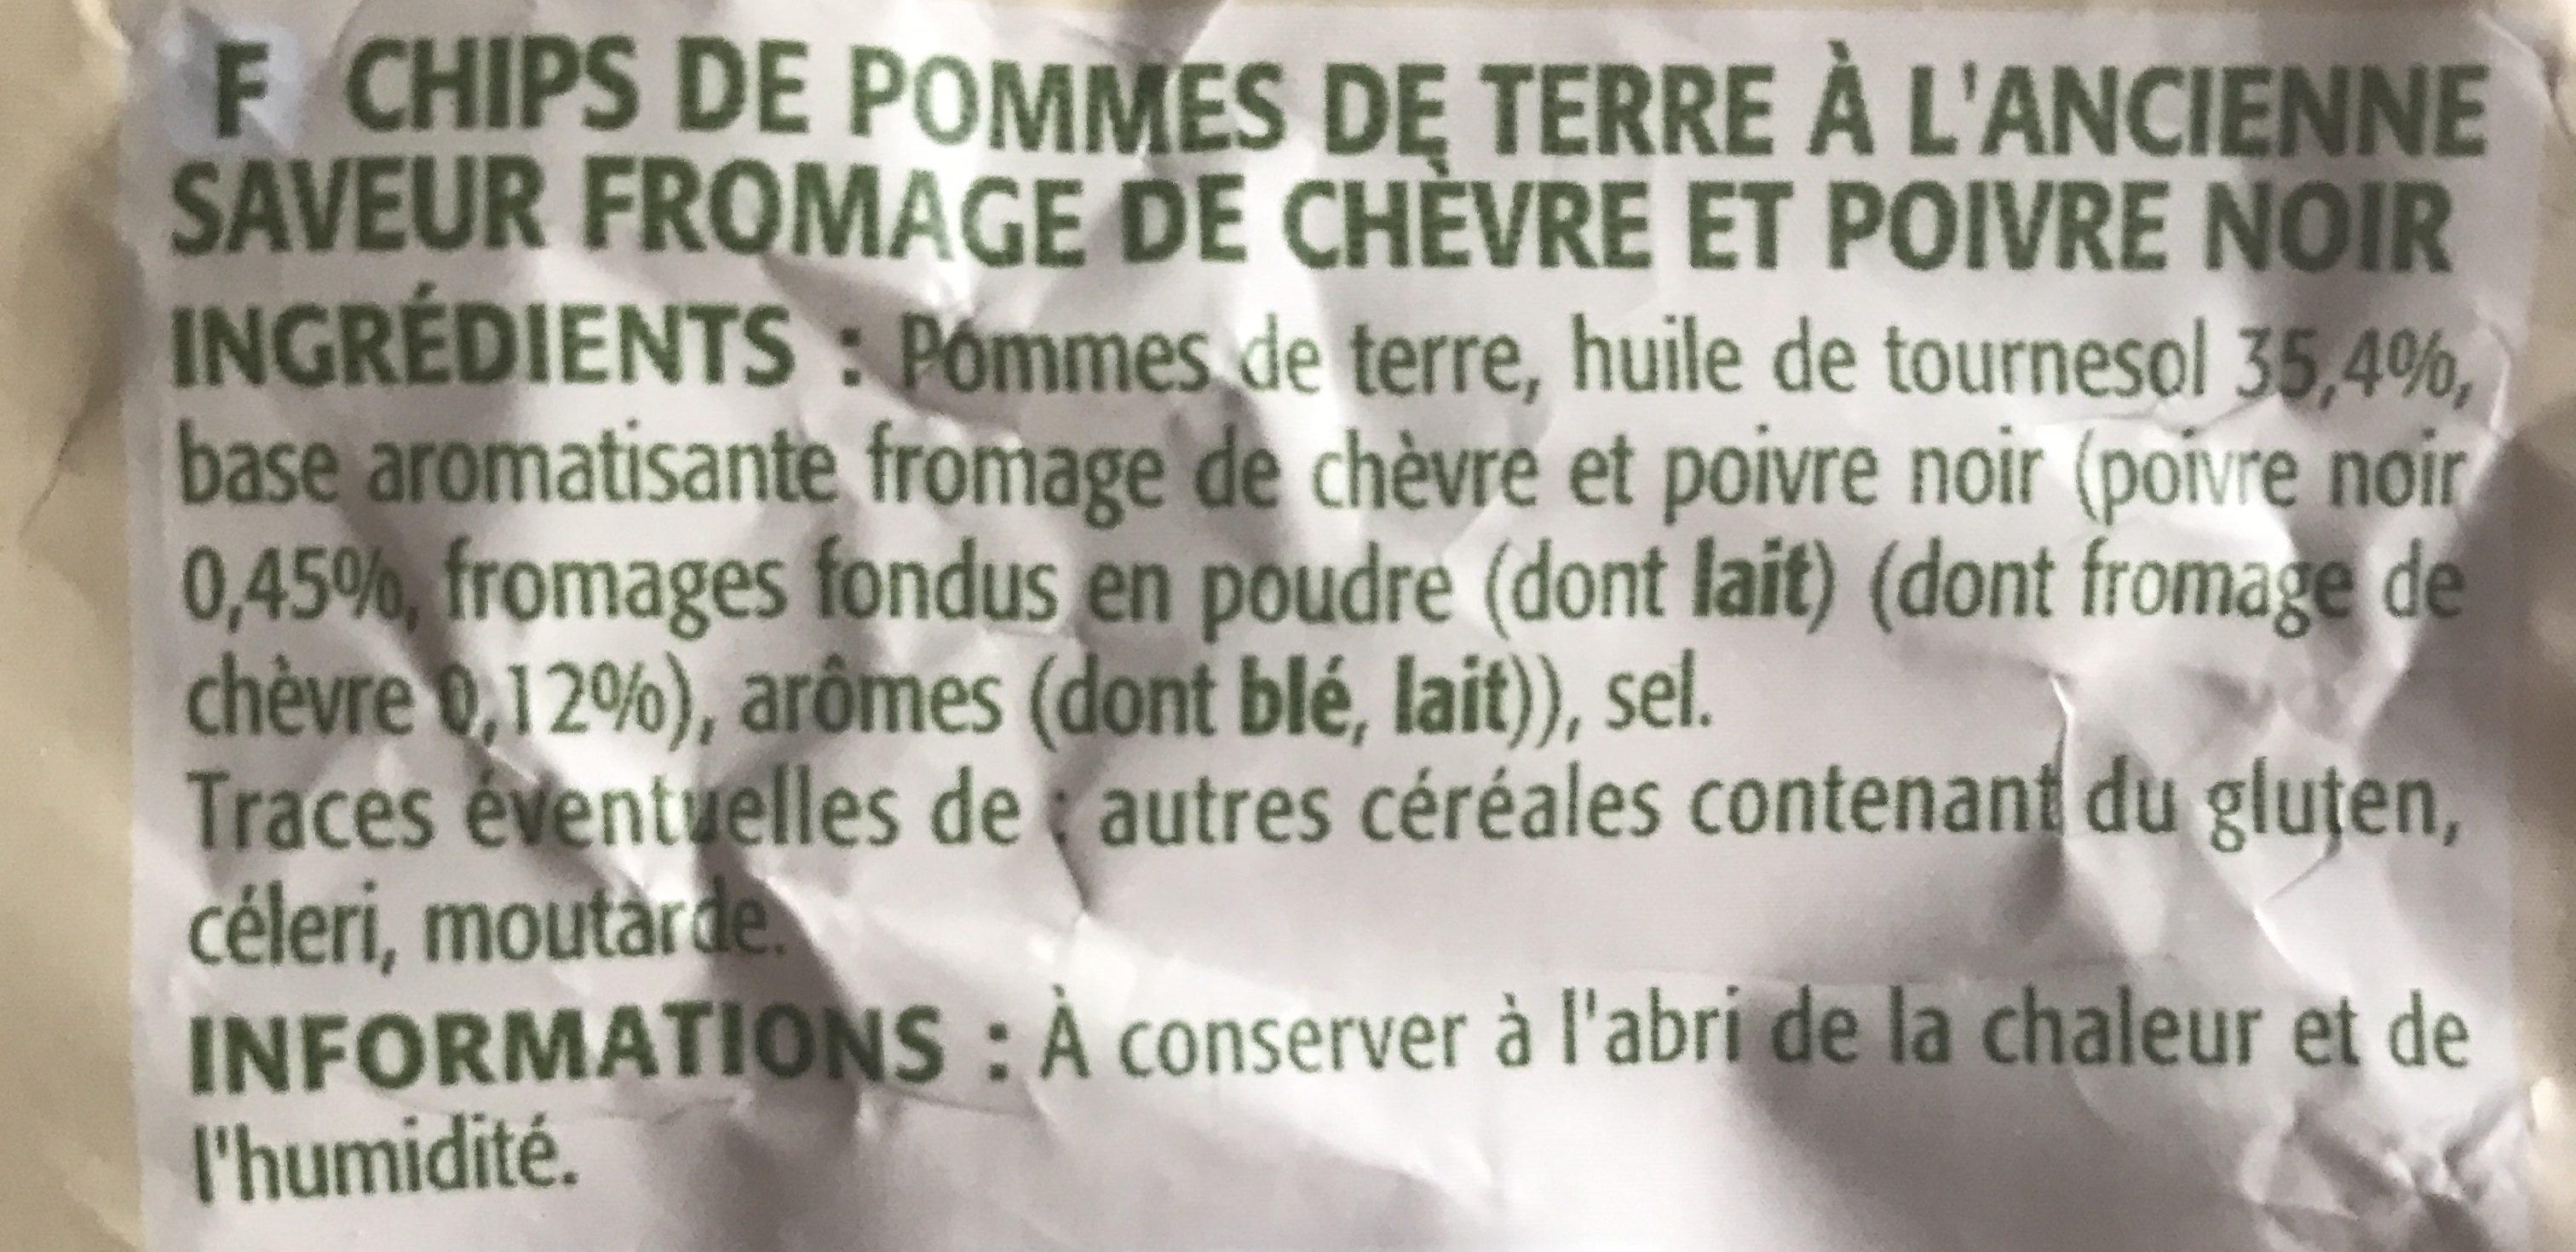 Chips à l'ancienne saveur chèvre & poivre - Ingrédients - fr